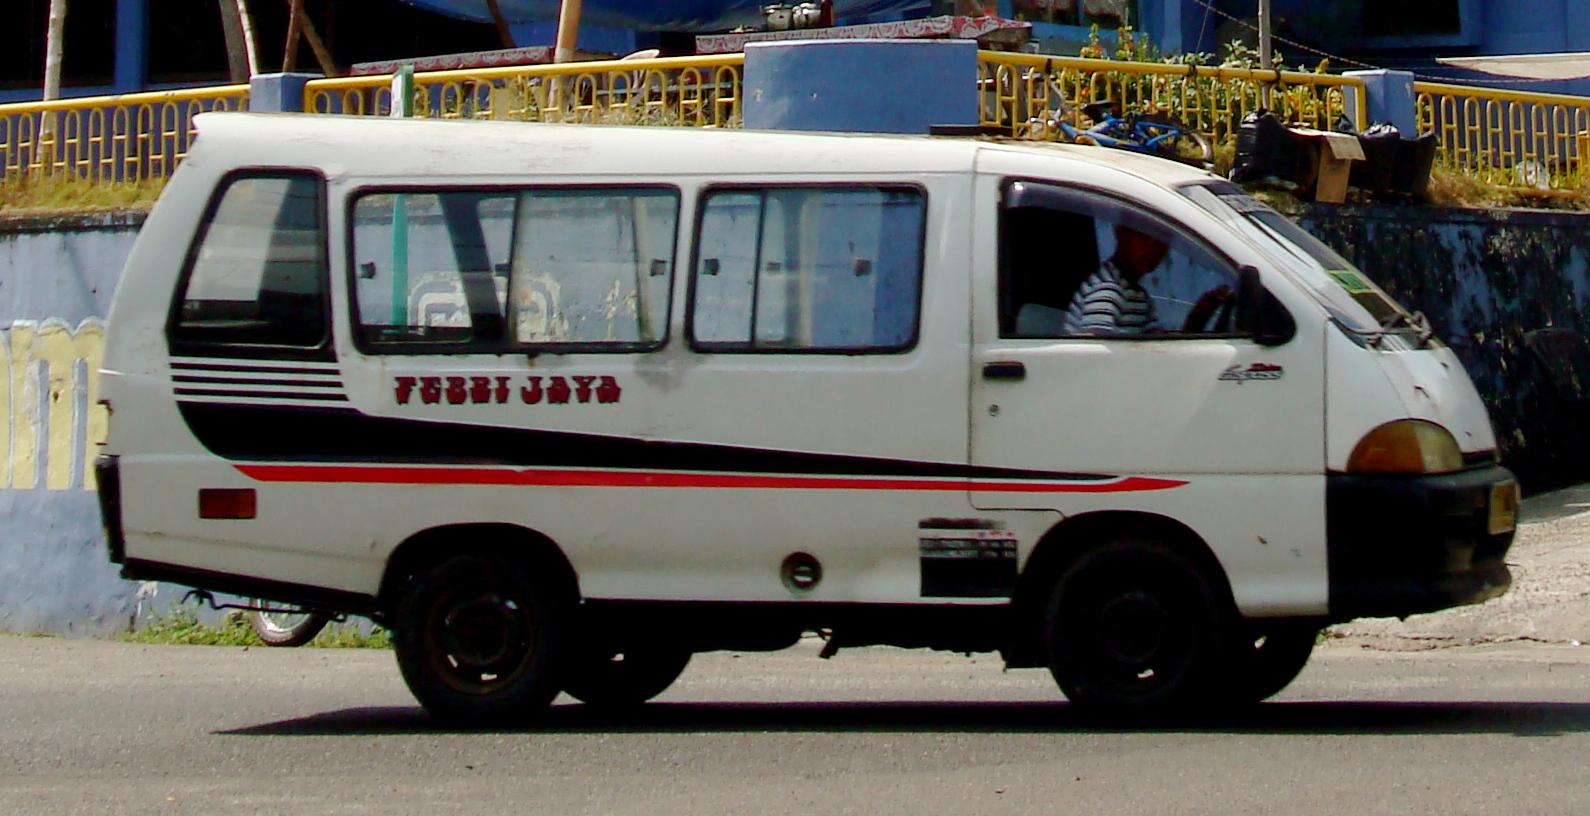 4600 Gambar Mobil Zebra Modif Gratis